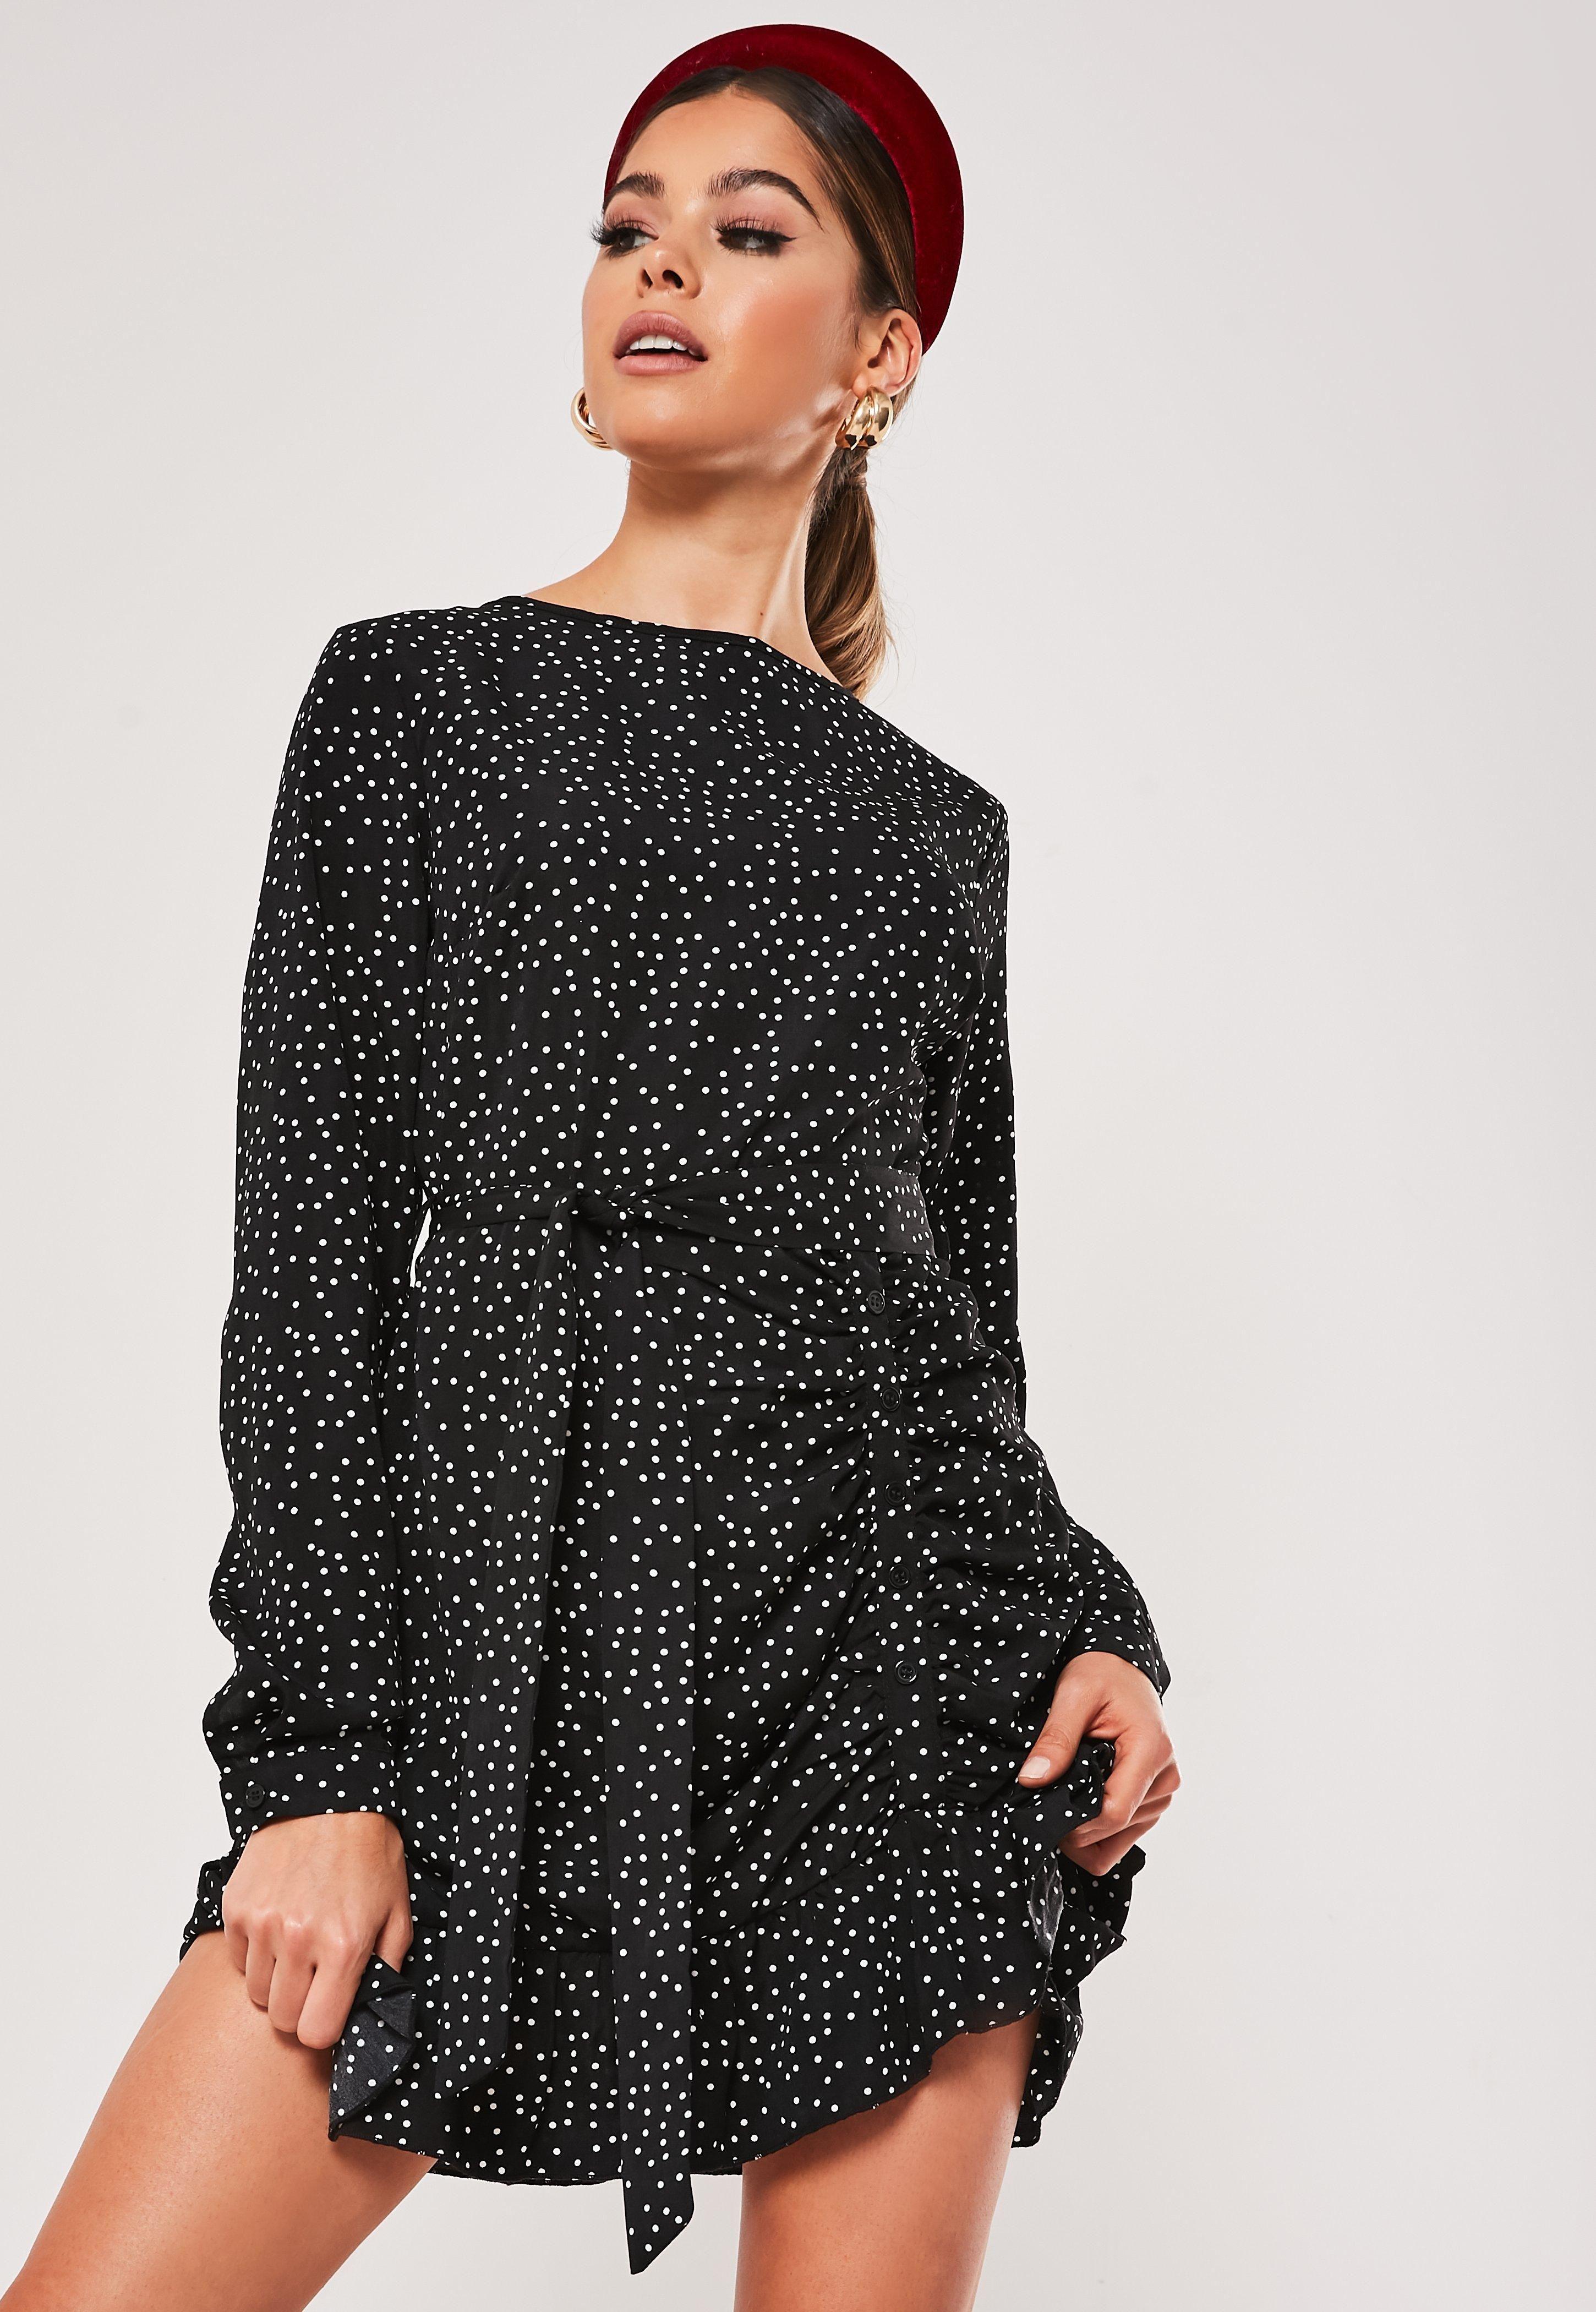 Black ruched button side polka dot tea dress sponsored